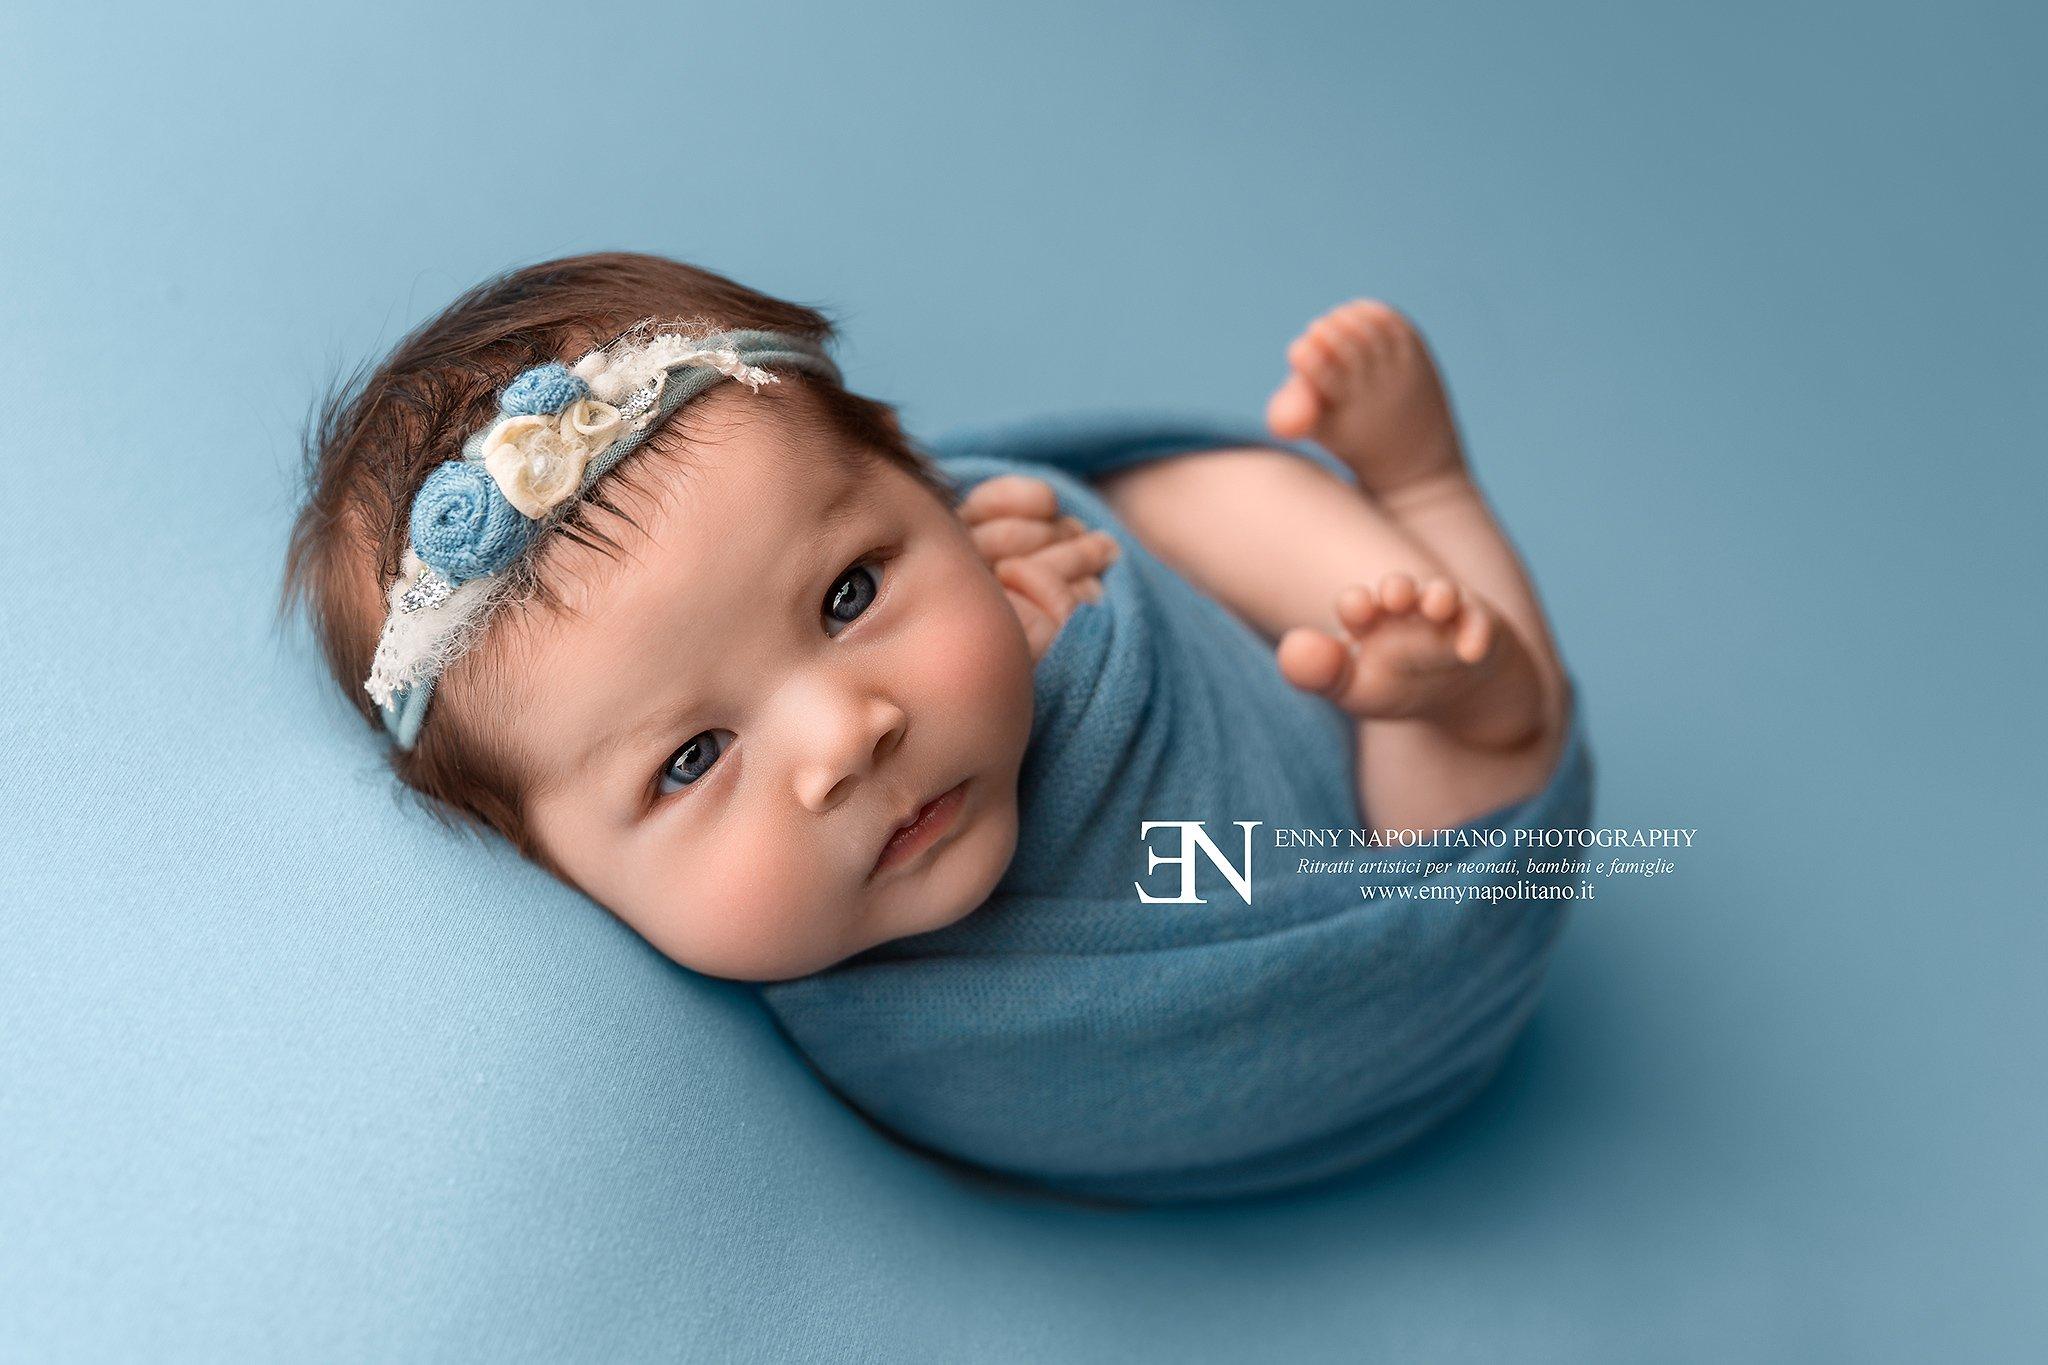 fotografia di una neonata sveglia e fasciata durante un servizio fotografico per neonati